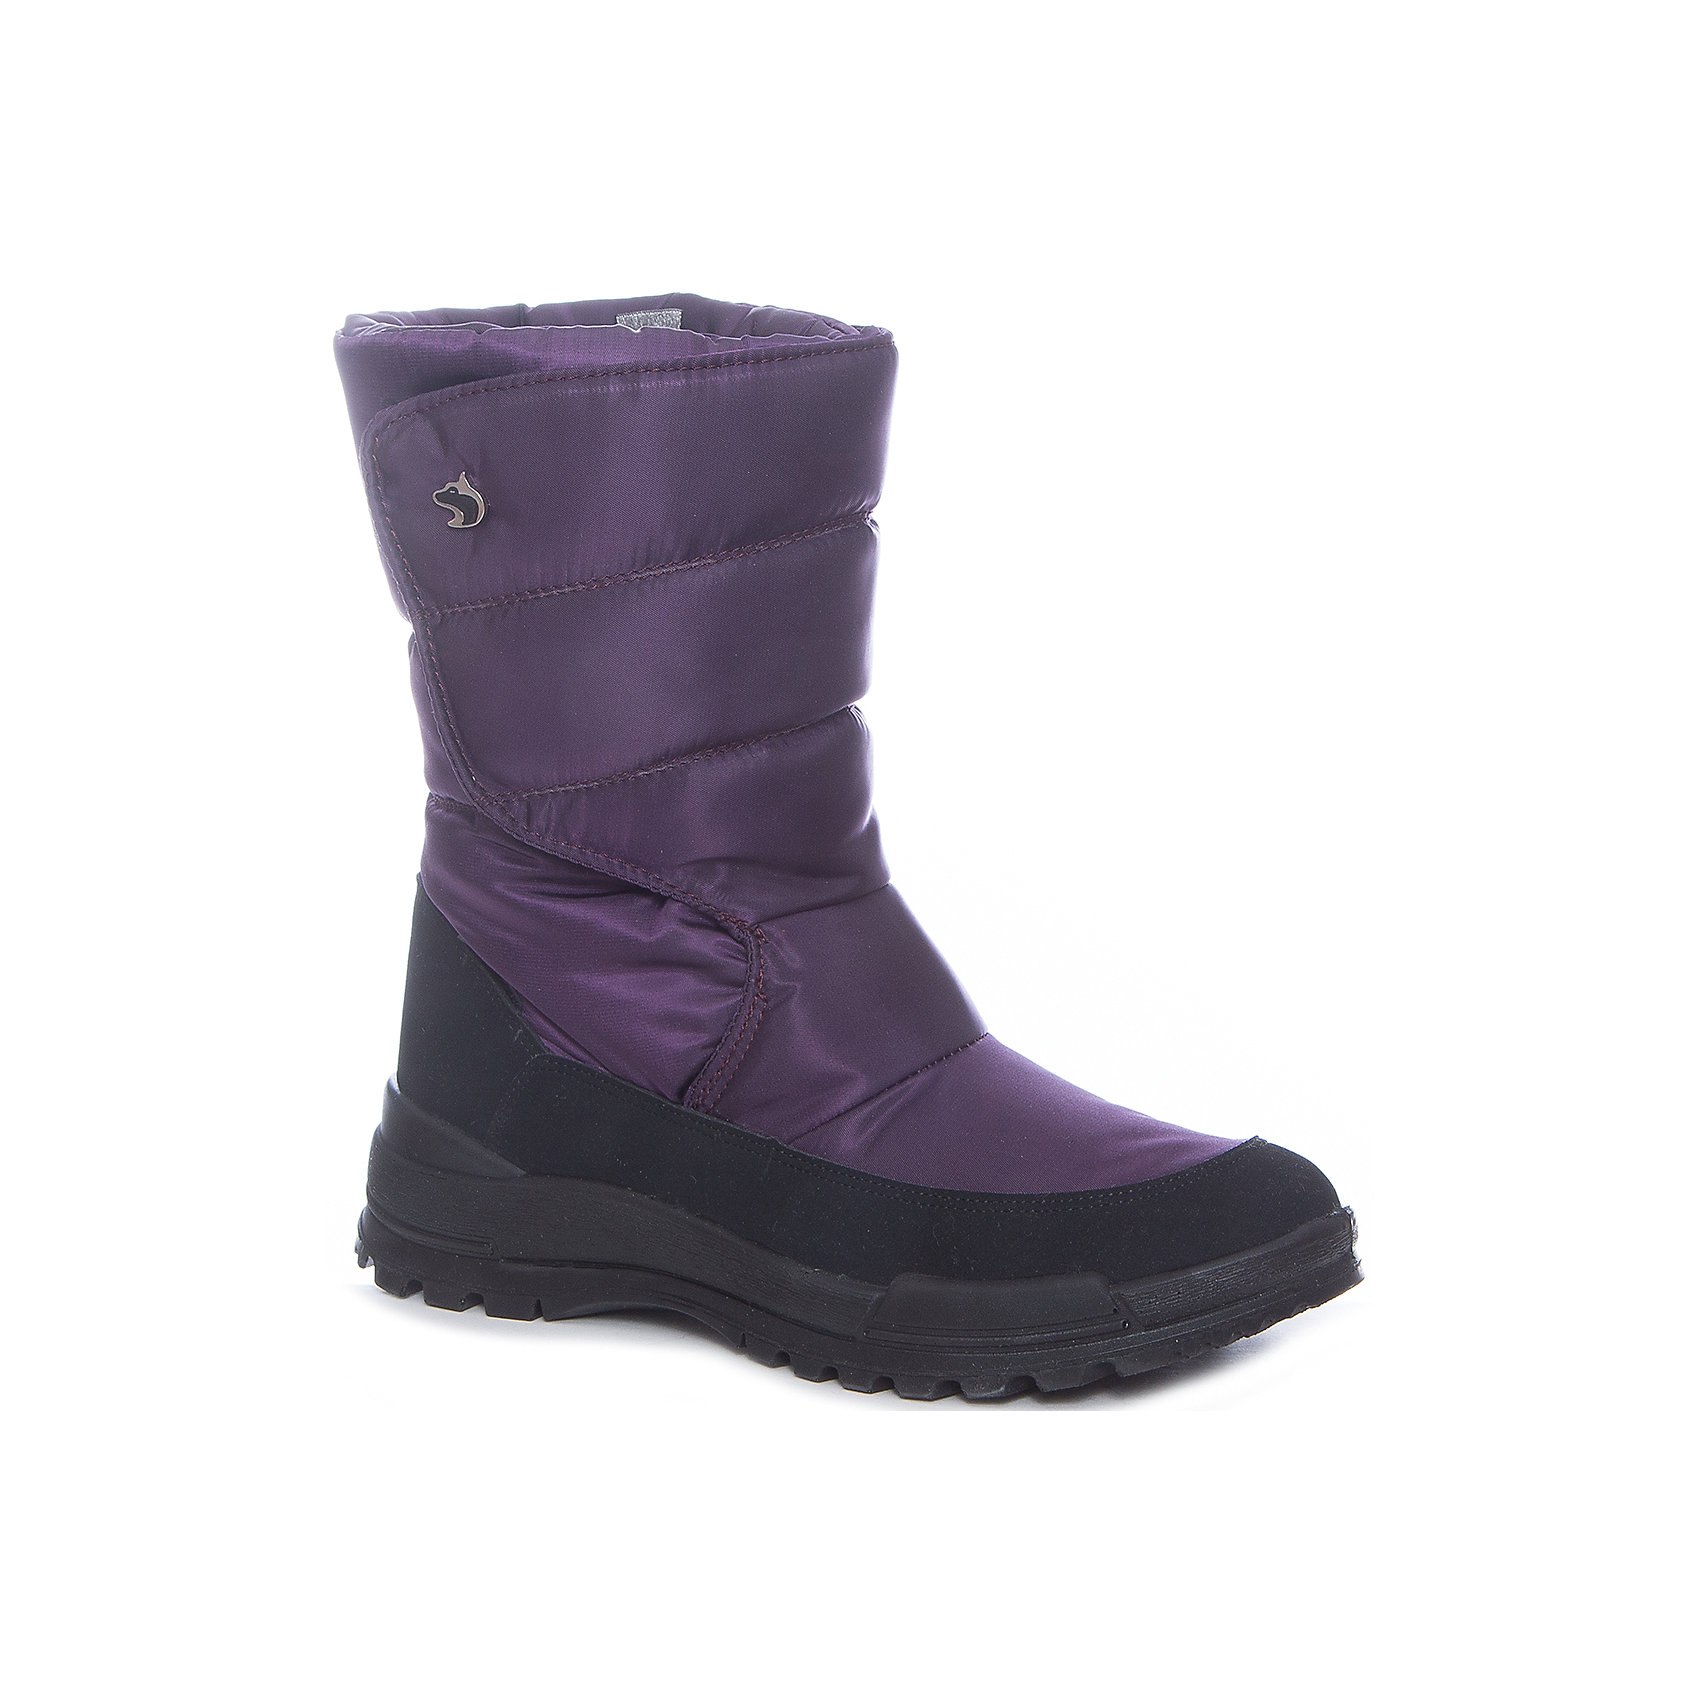 Сапоги Alaska Originale для девочкиДутики<br>Характеристики товара:<br><br>• цвет: фиолетовый<br>• внешний материал: текстиль<br>• внутренний материал: натуральная шерсть/искусственный мех<br>• стелька: натуральная шерсть/искусственный мех<br>• подошва: полимер<br>• сезон: зима<br>• мембранные<br>• водонепроницаемая пропитка верха<br>• температурный режим: от -30 до 0<br>• защита мыса<br>• подошва не скользит<br>• застежка: липучка<br>• анатомические <br>• страна бренда: Испания<br>• страна изготовитель: Румыния <br><br>Обращаем ваша внимание, что во всех сапогах Alaska Originale до 27 размера включительно внутренний материал – натуральная шерсть, начиная с 28 размера – искусственный мех.<br><br>Сапоги Alaska Originale для девочки благодаря мембранной технологии помогут сохранить ноги в тепле, не позволяя им промокнуть. Зимние детские сапоги дополнены легкой нескользящей подошвой и удобной застежкой.<br><br>В каждой модели обуви Alaska Originale продуманы все нюансы для обеспечения высокой степени комфорта. Обувь от итальянской компании Аляска Ориджинал - это высокотехнологичное производство и европейский дизайнеры. <br><br>Сапоги Alaska Originale для девочки (Аляска Ориджинал) можно купить в нашем интернет-магазине.<br><br>Ширина мм: 257<br>Глубина мм: 180<br>Высота мм: 130<br>Вес г: 420<br>Цвет: лиловый<br>Возраст от месяцев: 144<br>Возраст до месяцев: 156<br>Пол: Женский<br>Возраст: Детский<br>Размер: 36,32,37,38,39,40,41,42,29<br>SKU: 6984686